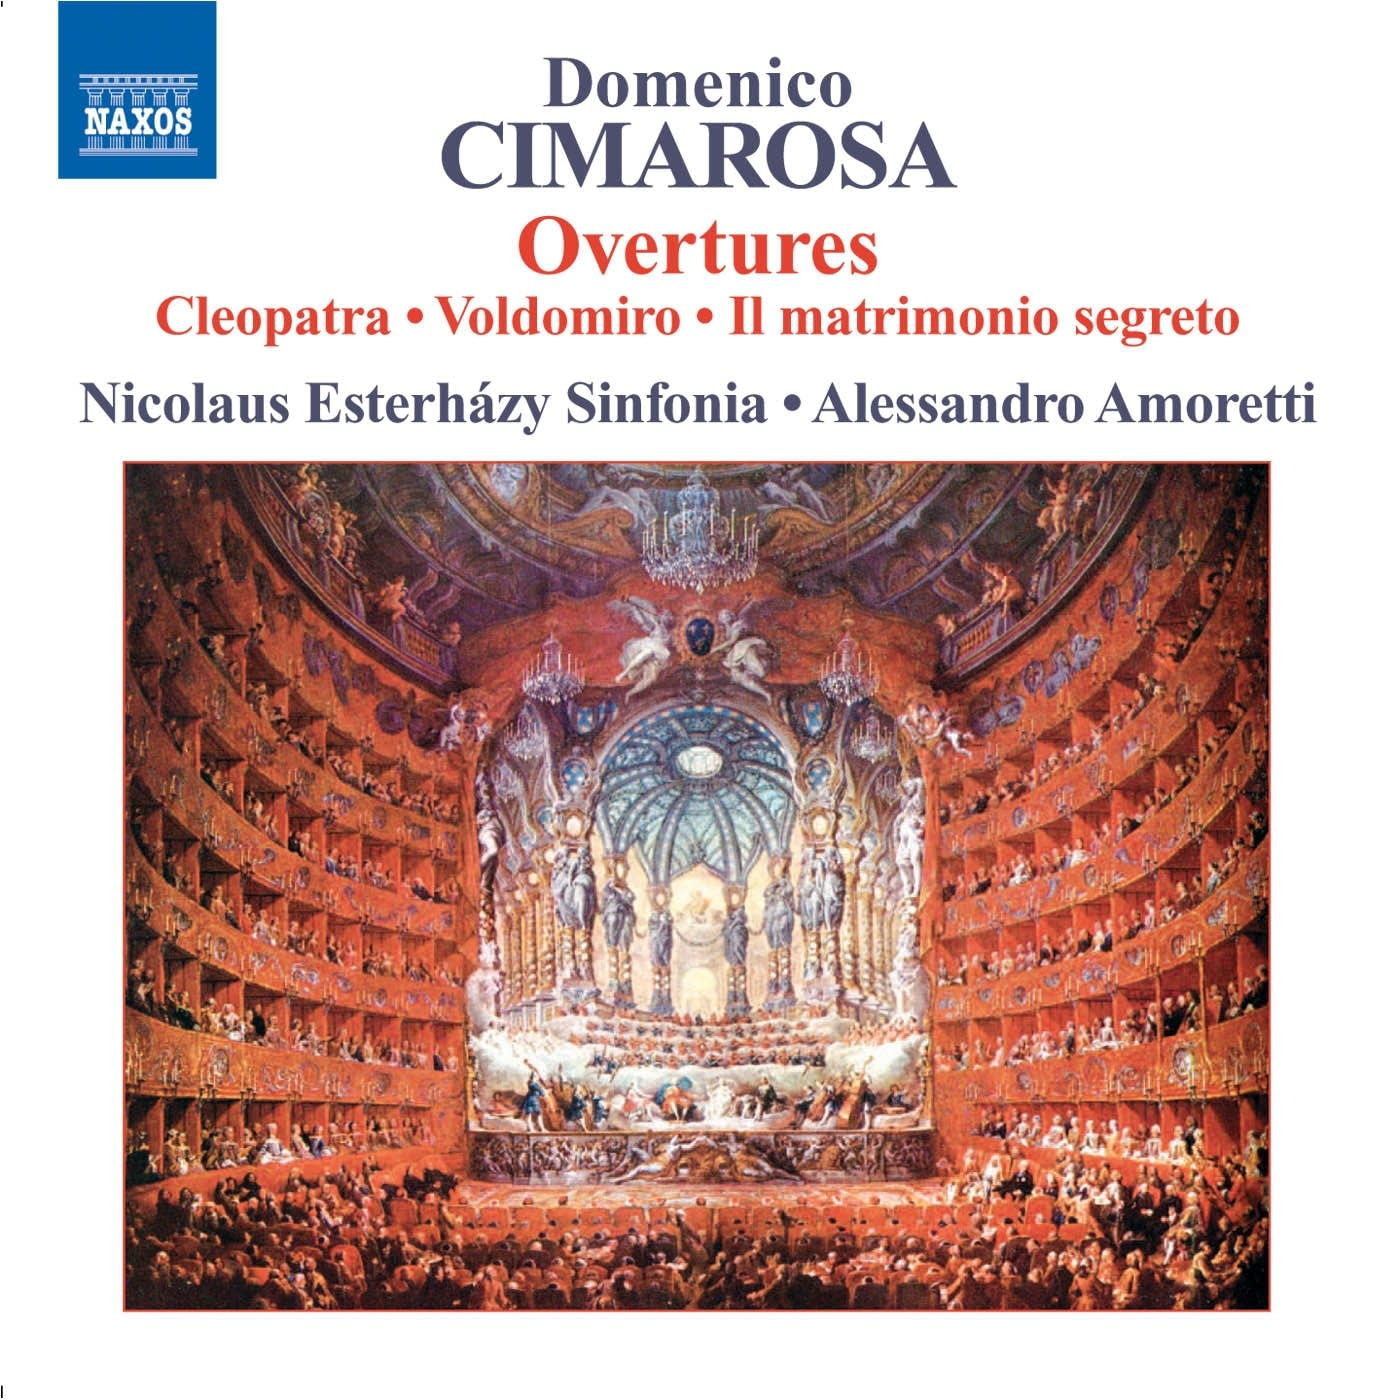 Domenico Cimarosa - Il falegname: Overture